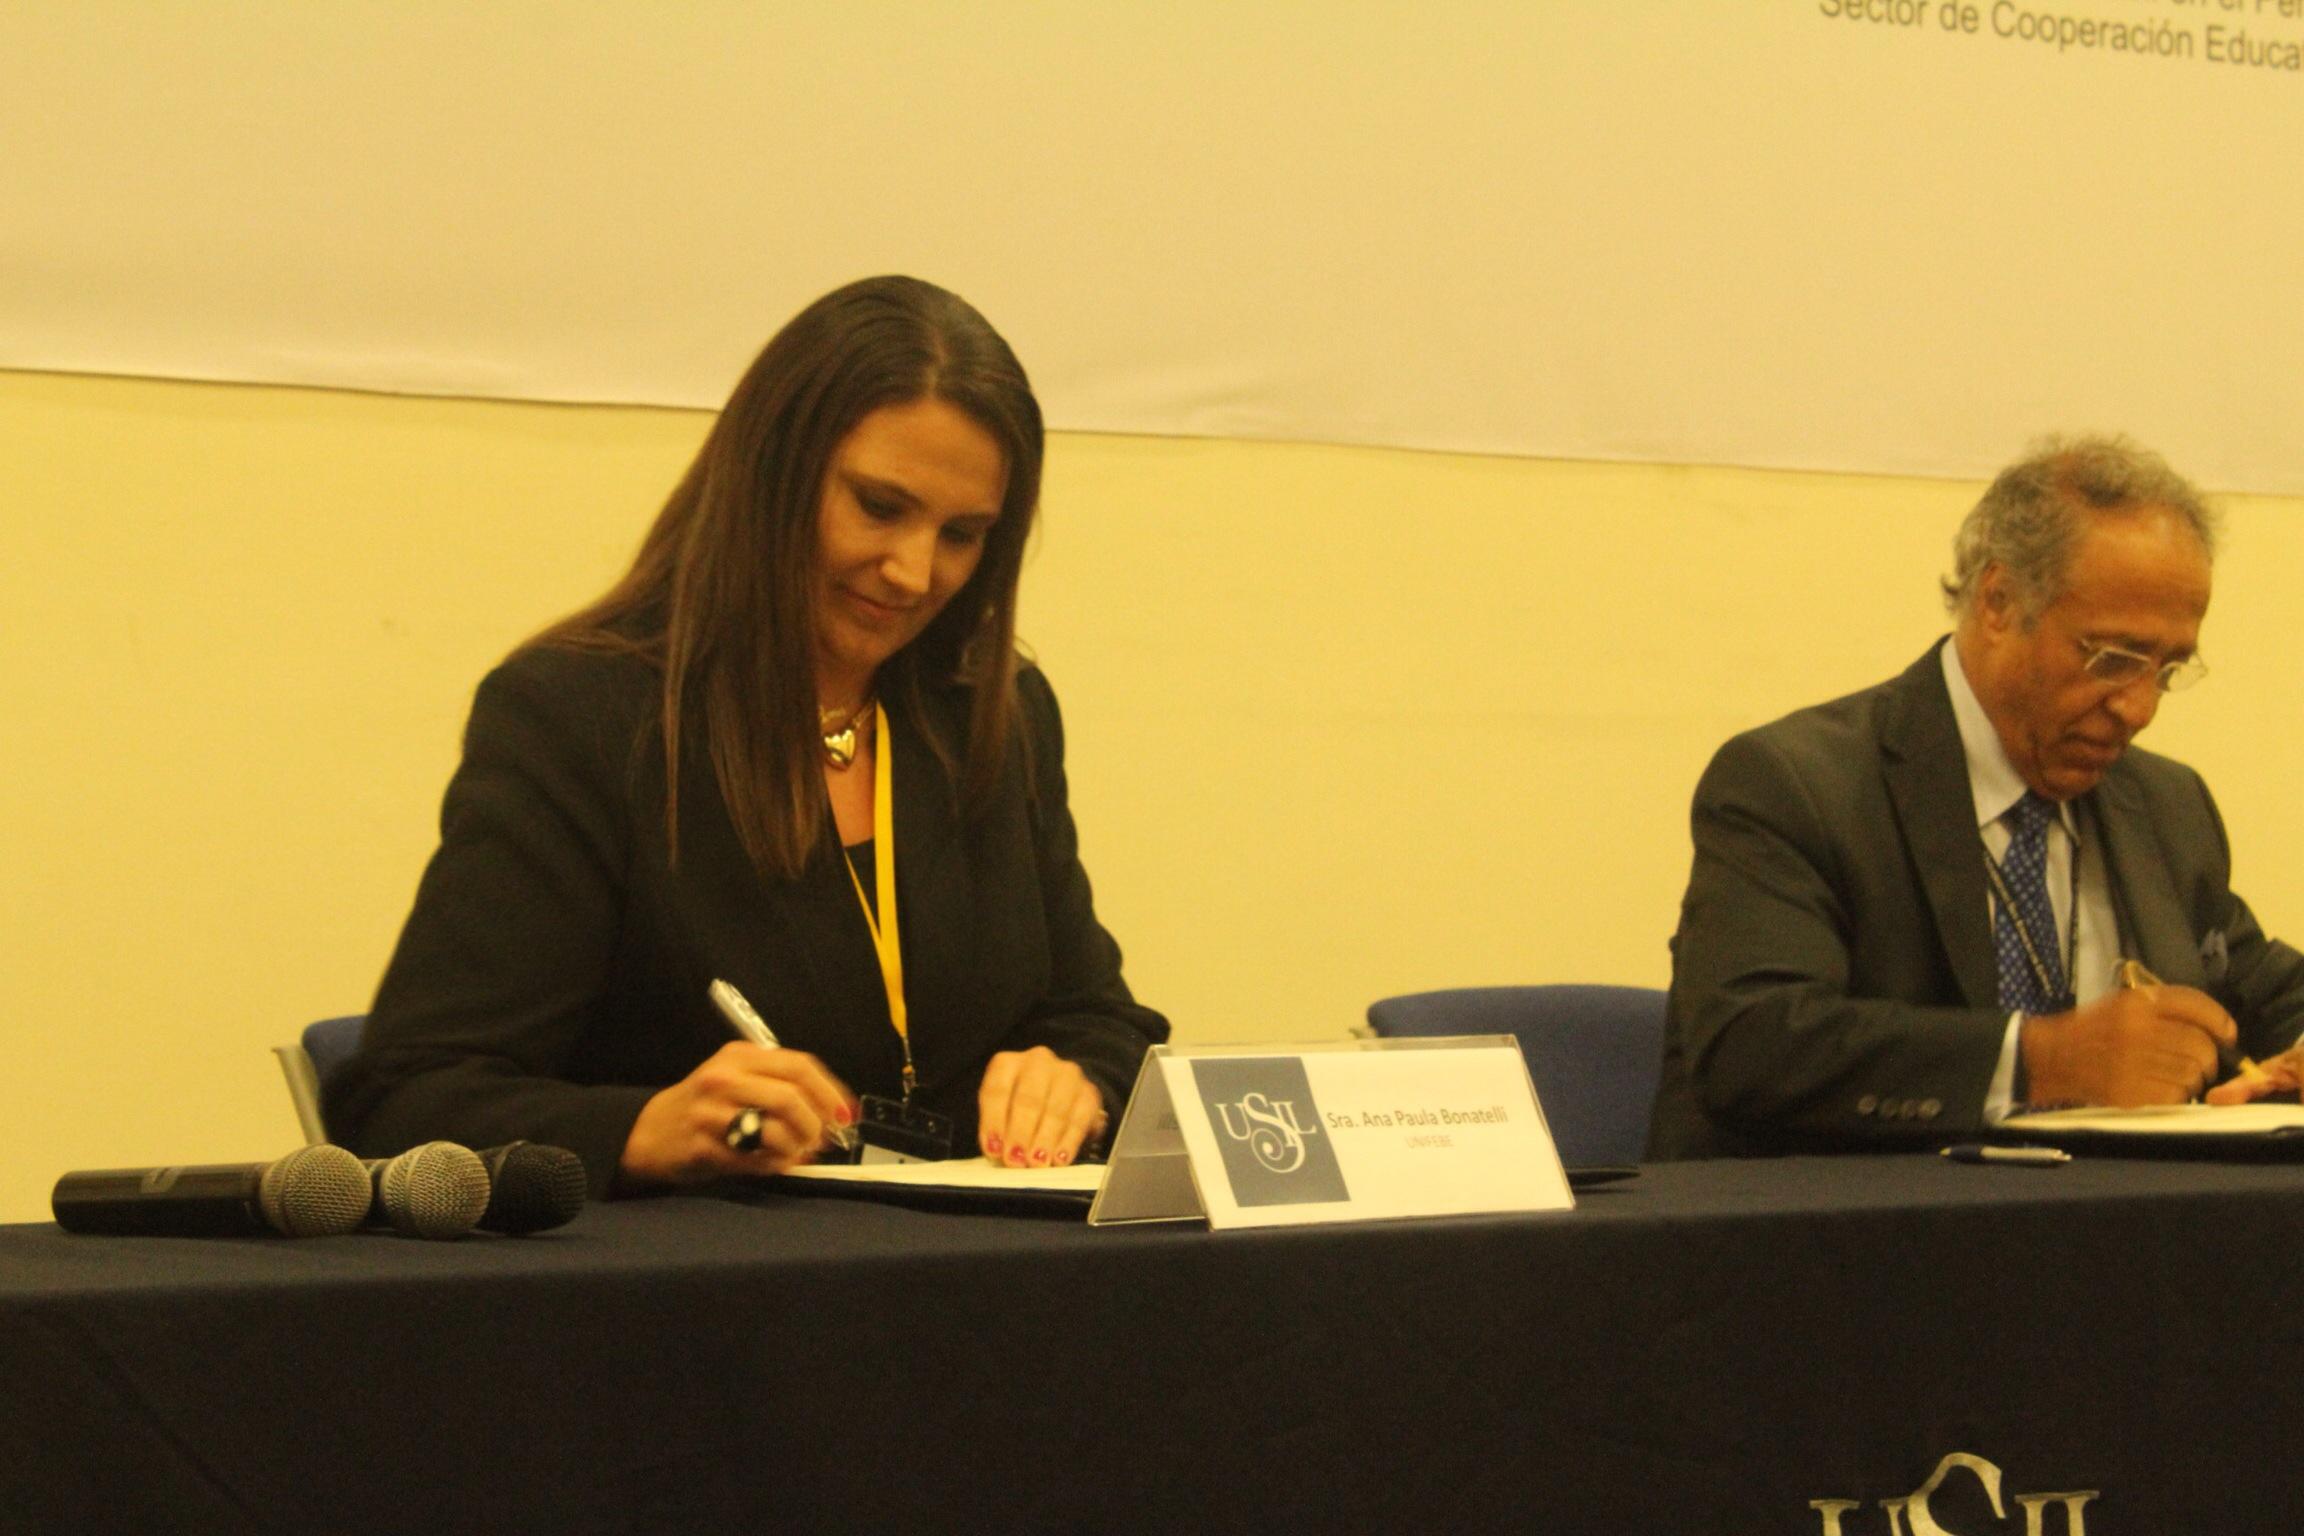 UNIFEBE estreita laços com universidades internacionais com assinatura de convênios